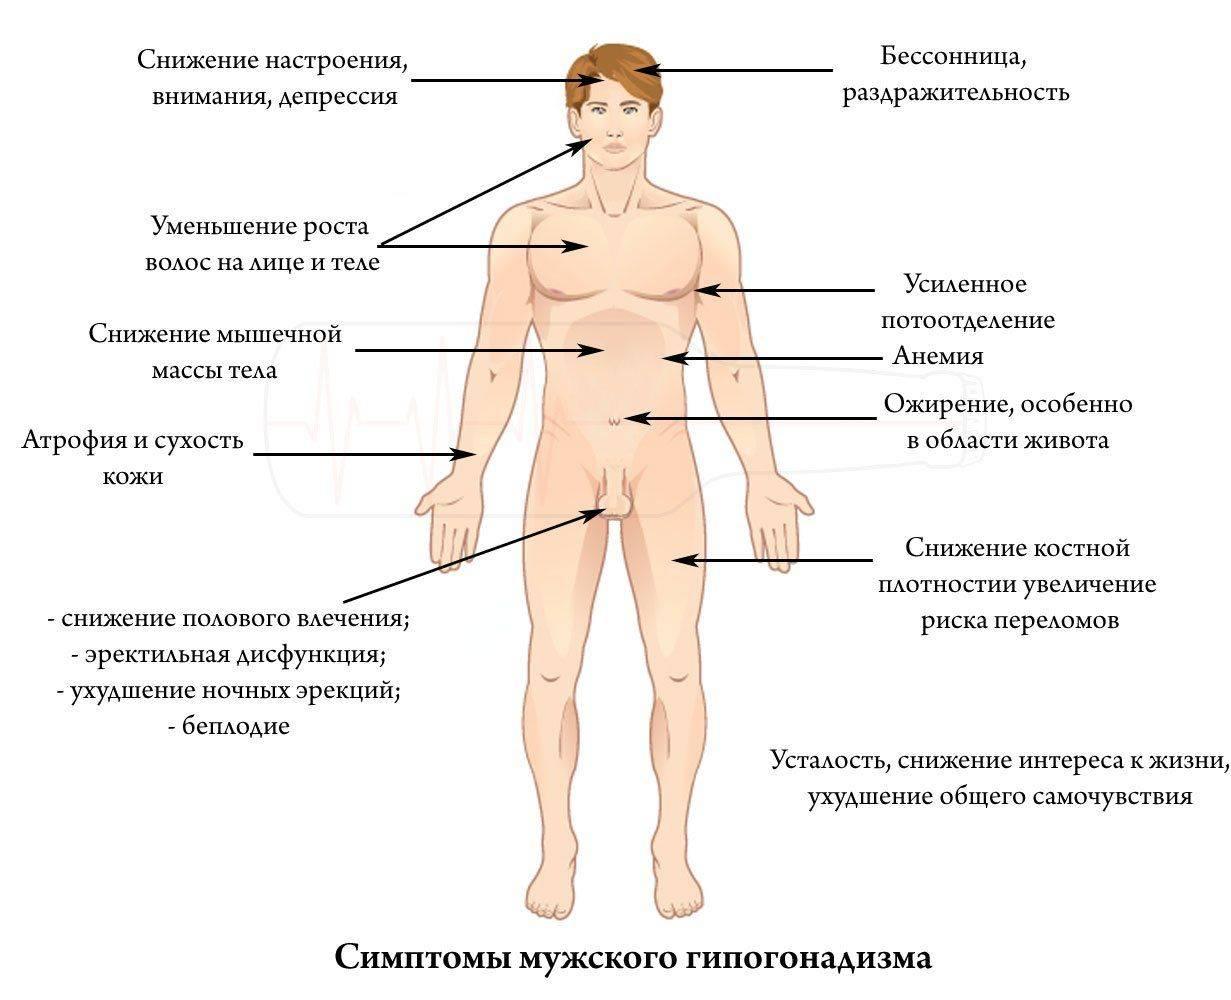 Симптомы гипогонадизма